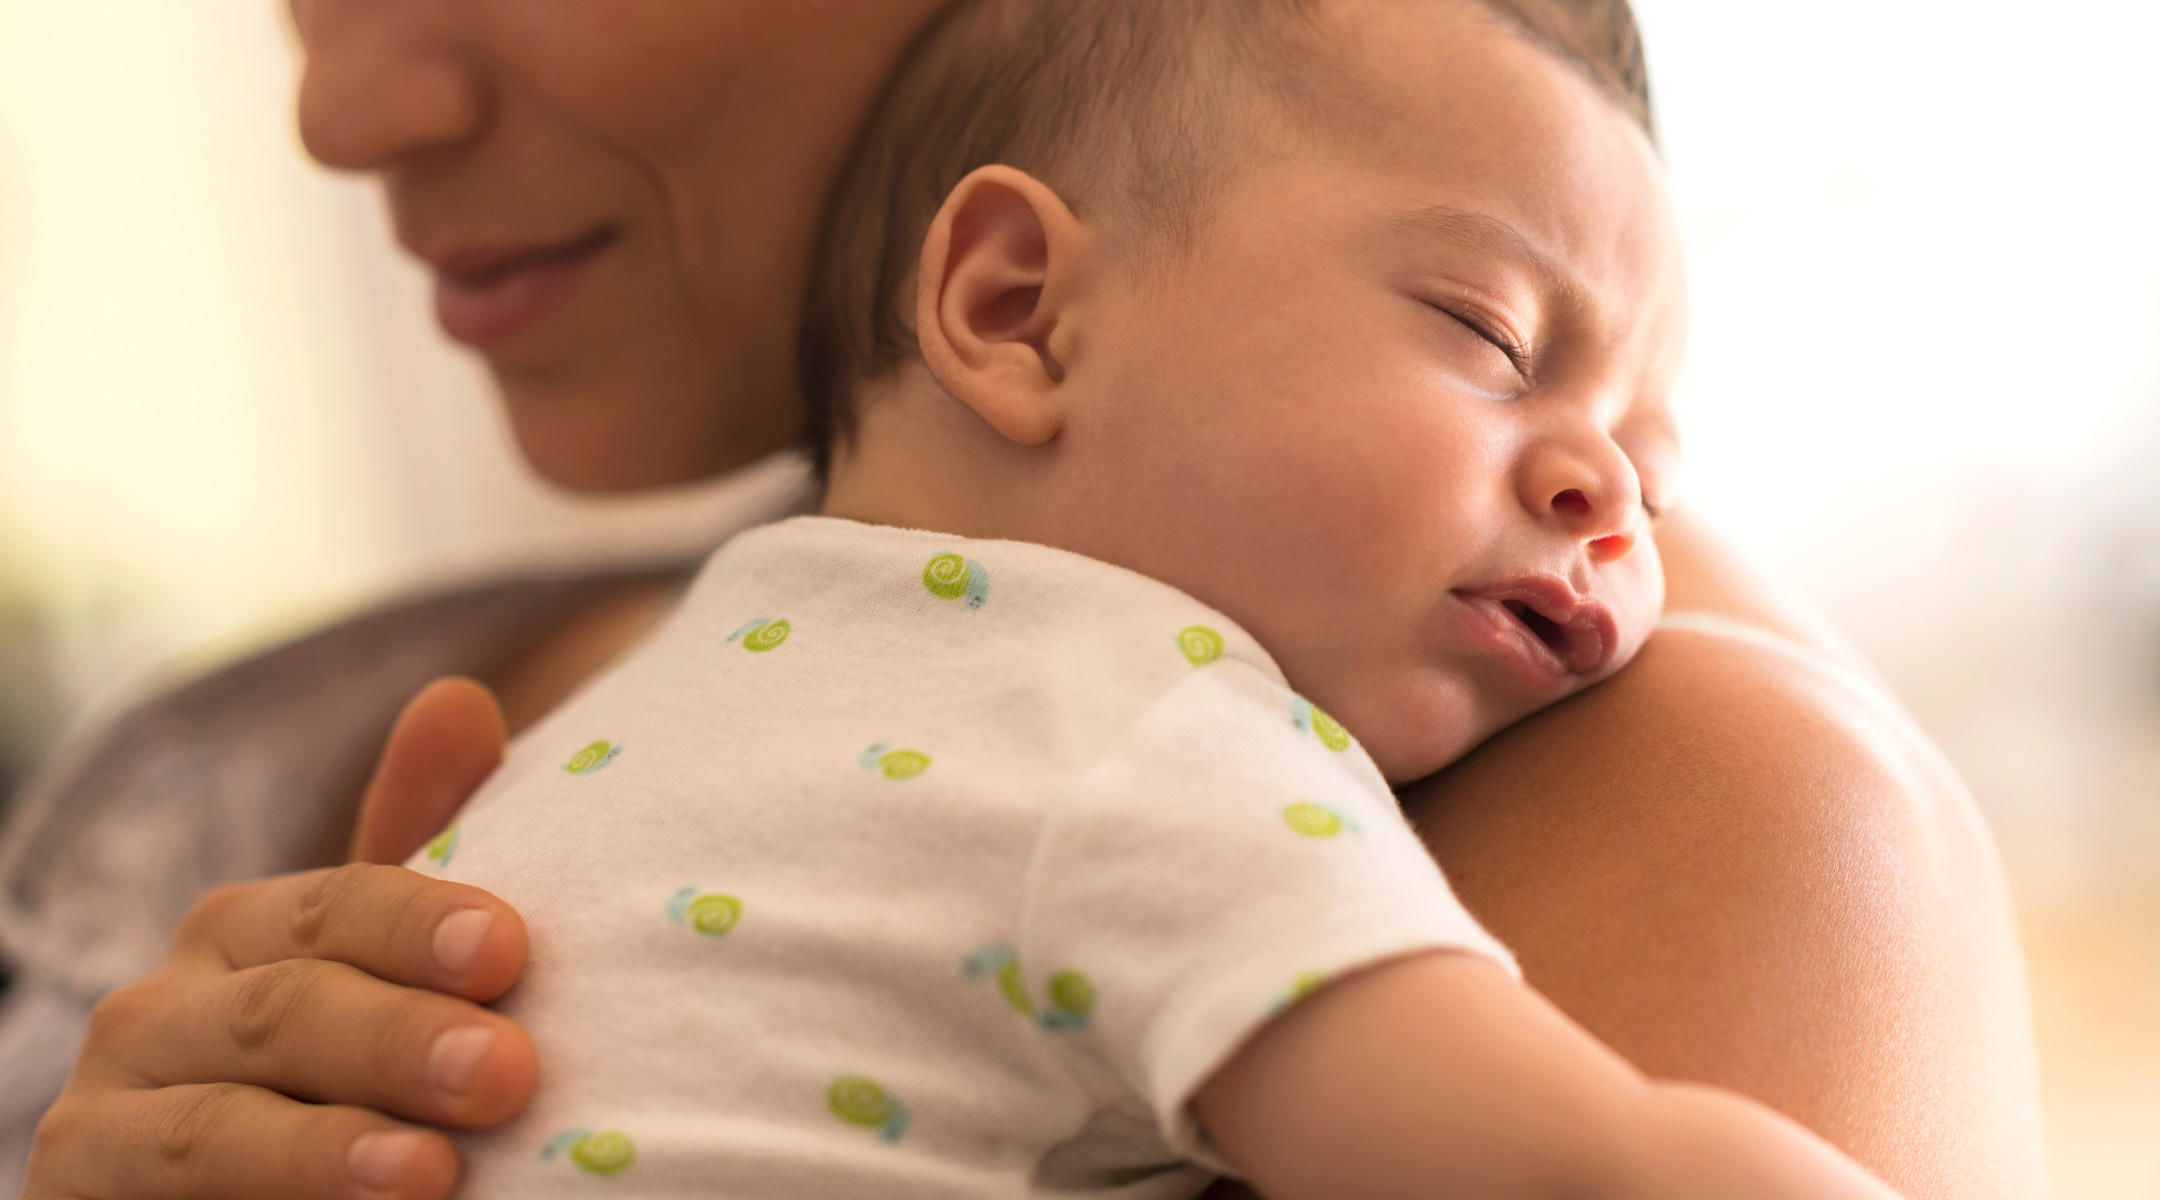 Метод харви карпа: как успокоить плачущего ребенка